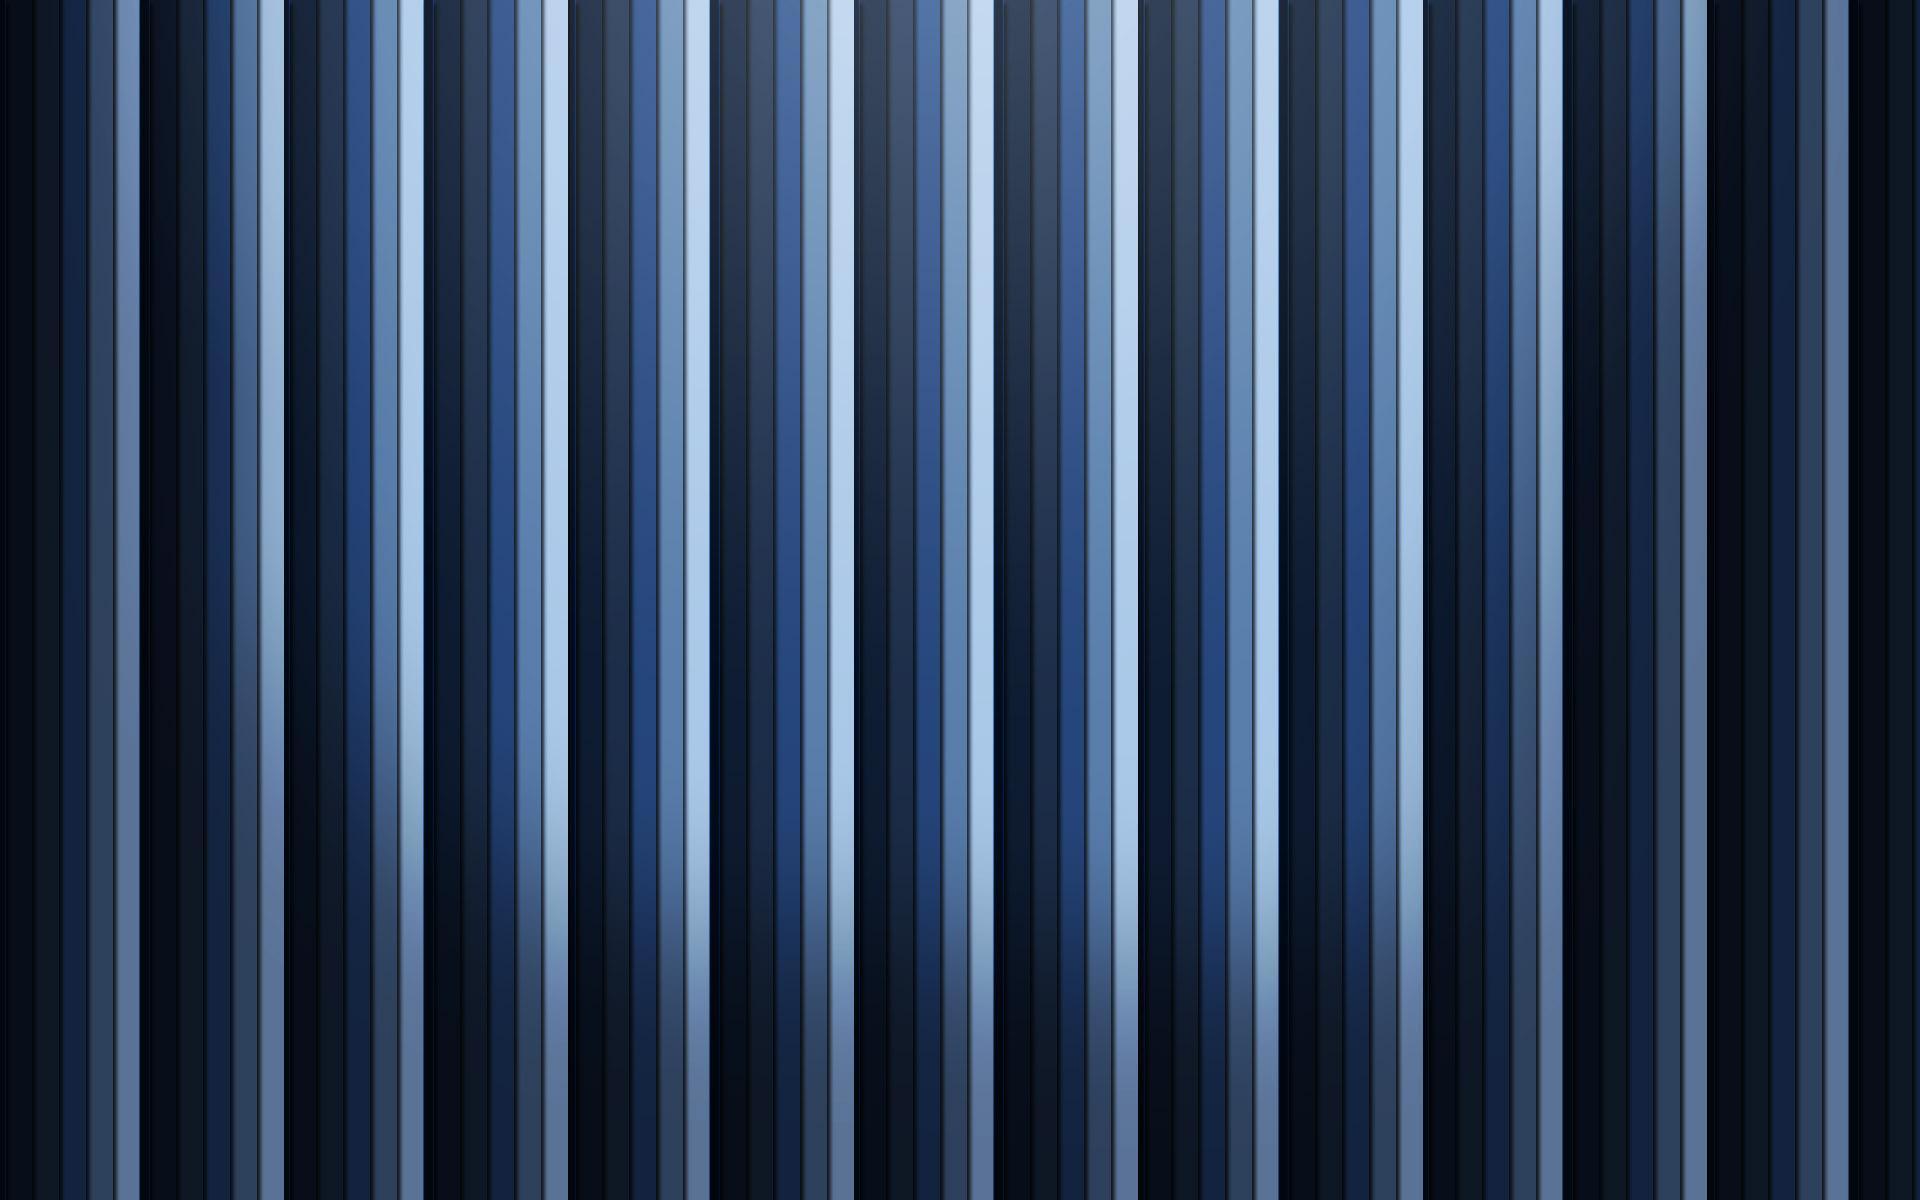 Blue Stripe Wallpaper: Black Stripe Wallpaper